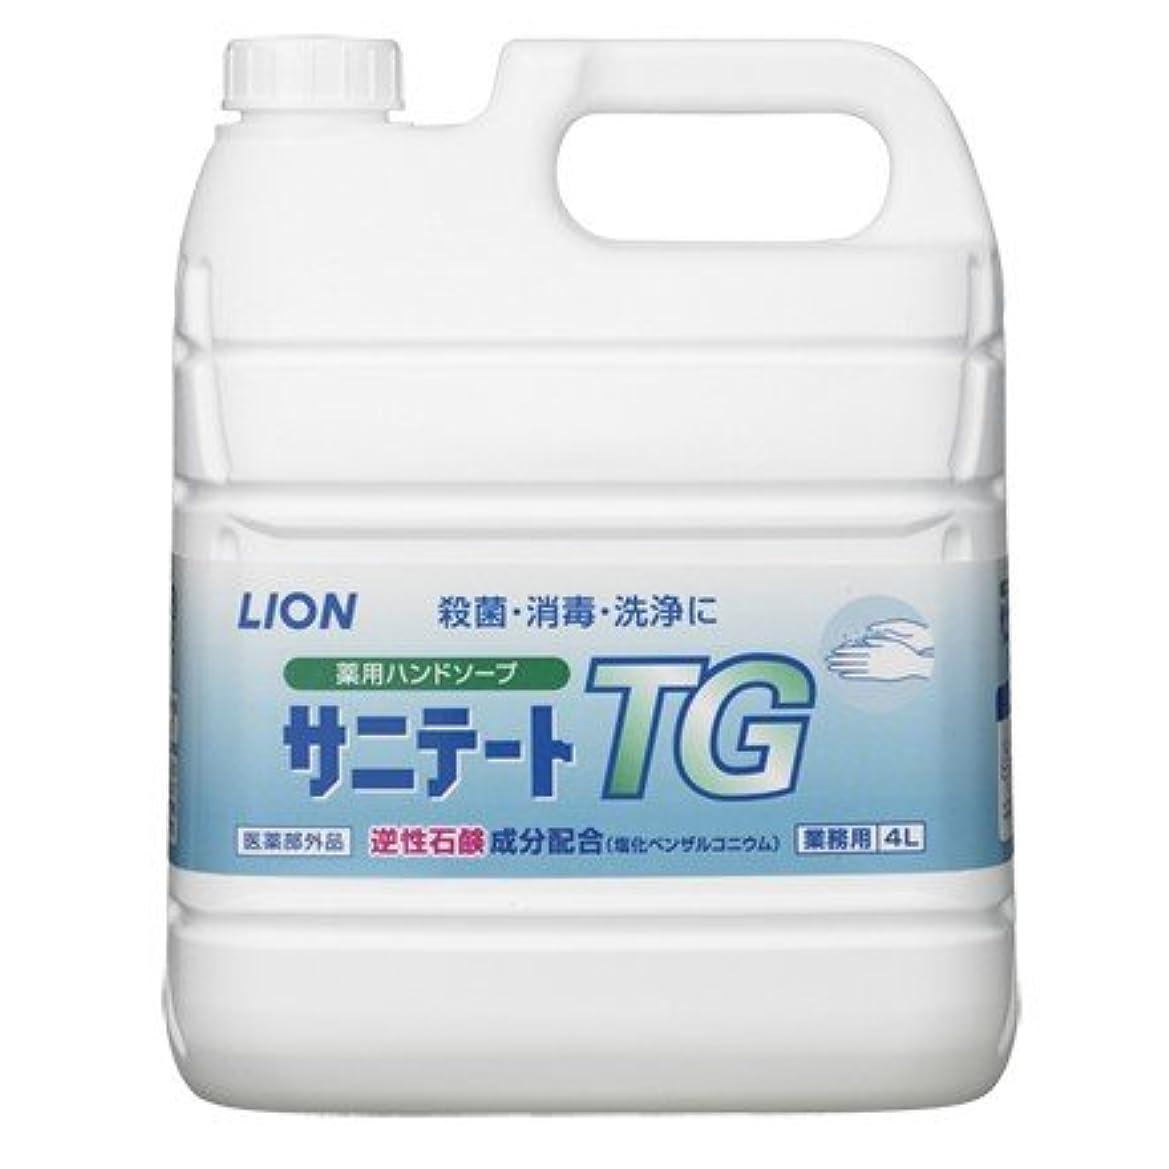 ライオン 薬用ハンドソープ サニテートTG 希釈タイプ(逆性石鹸)4L×2本入